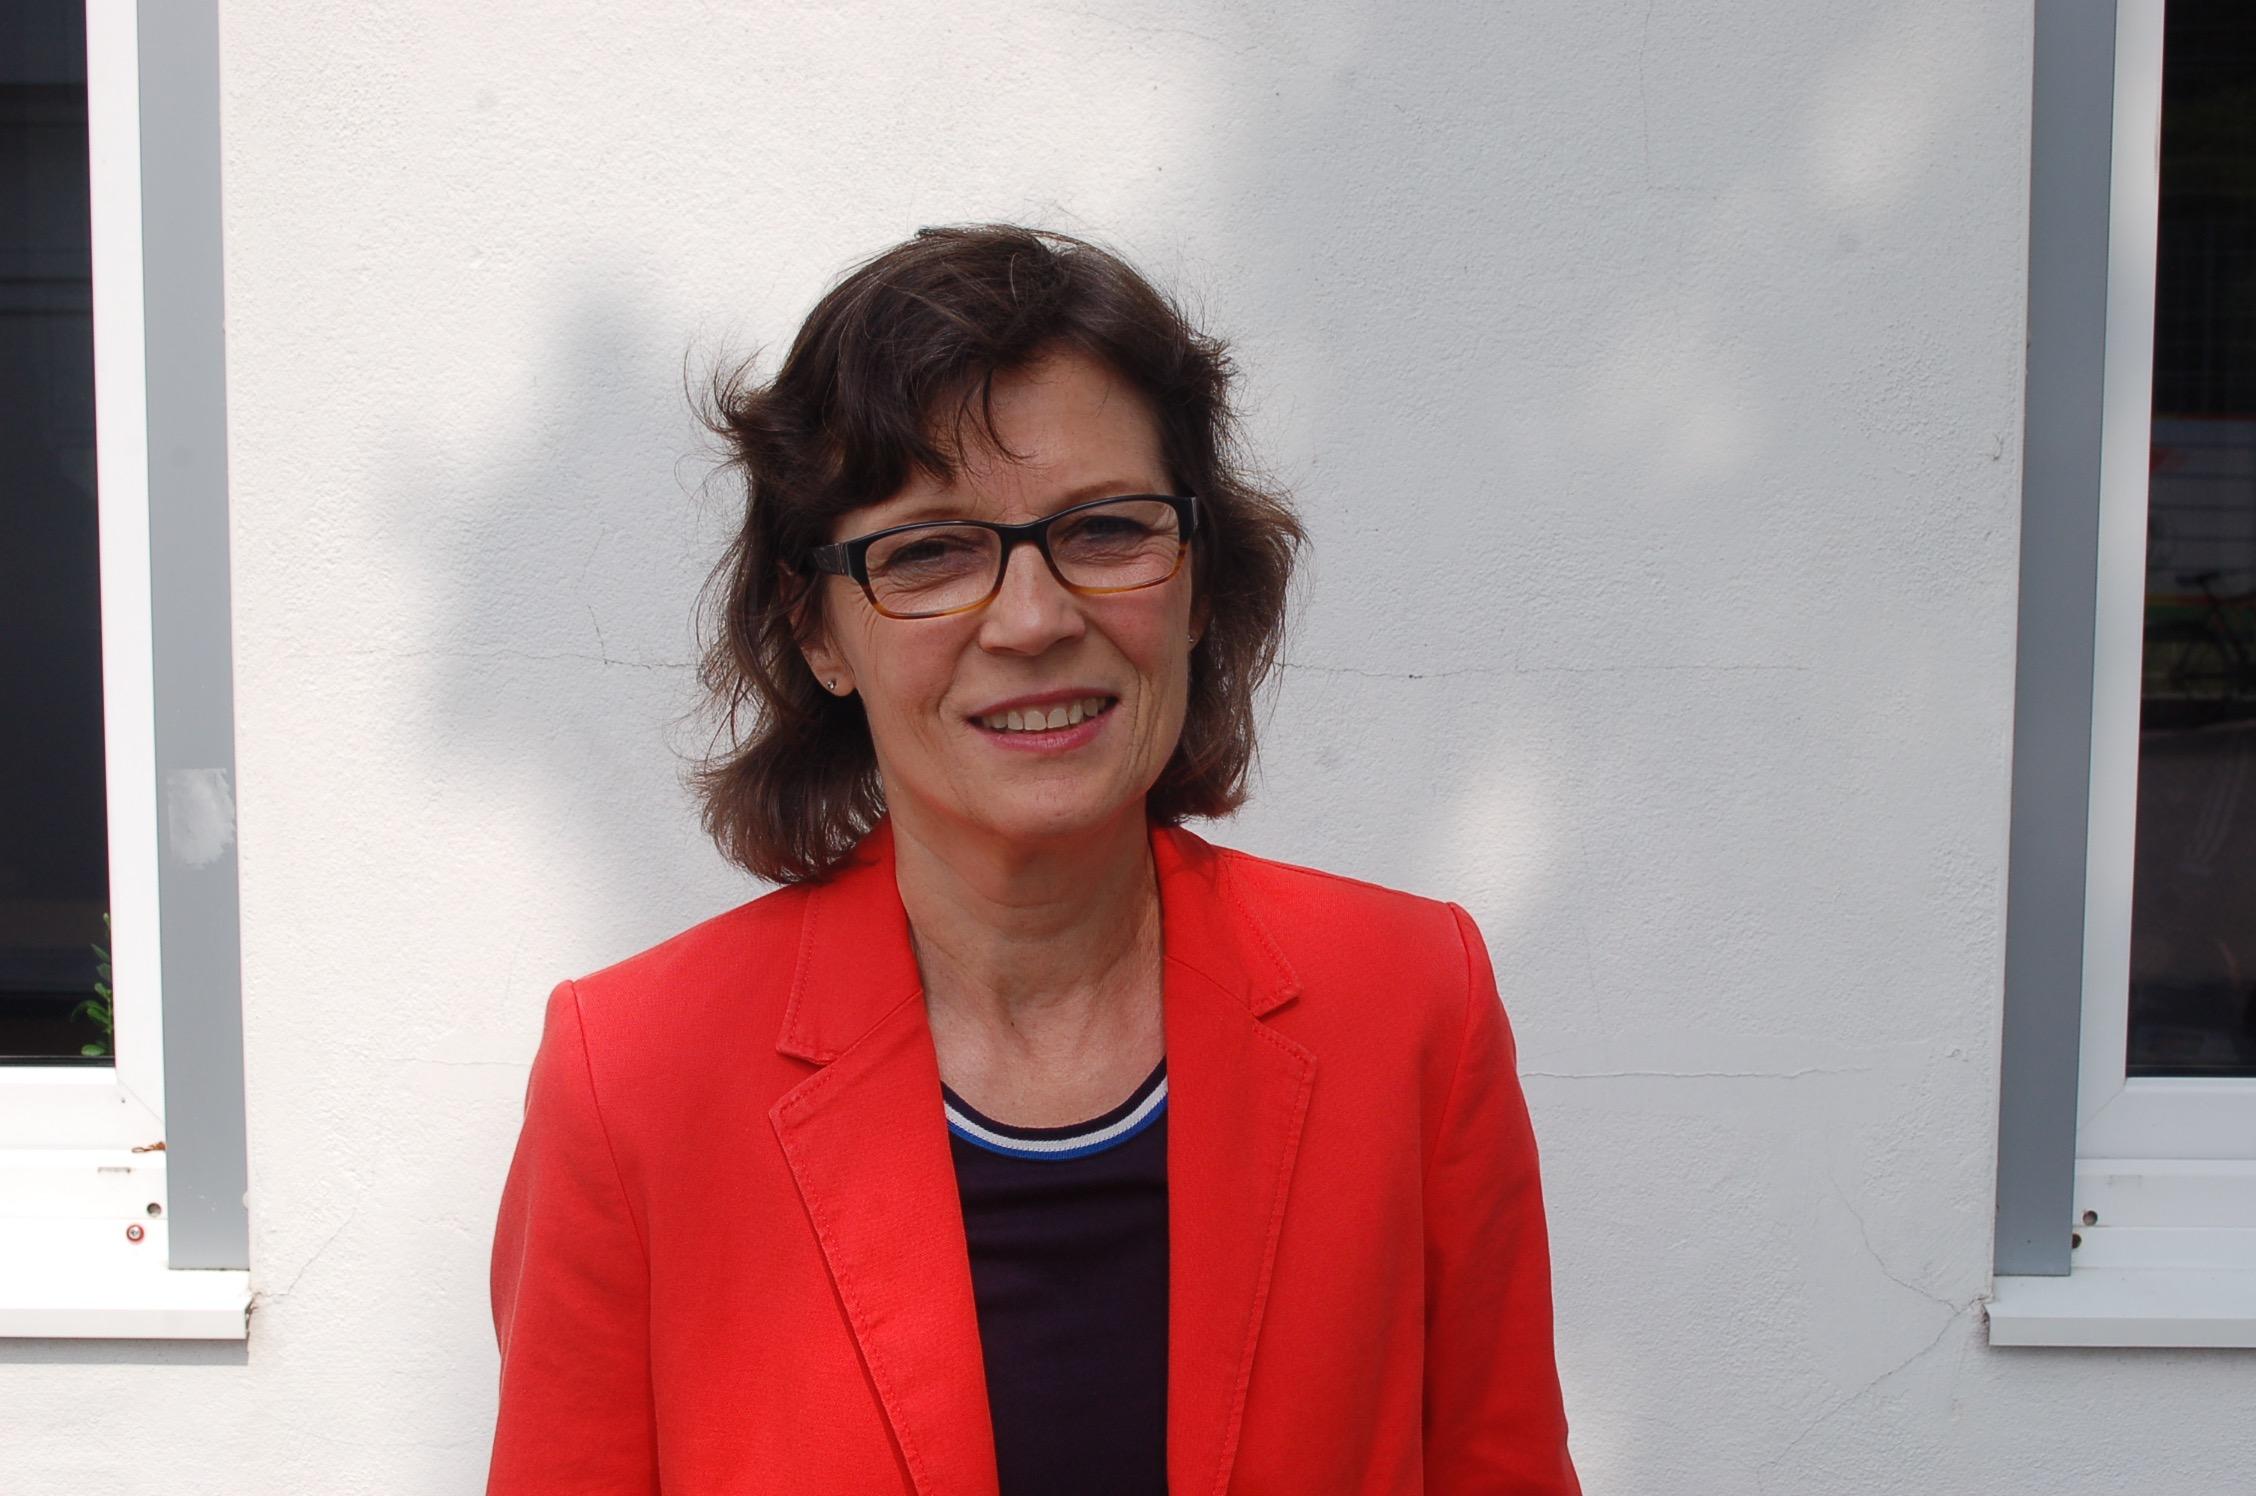 mk -Die grüne Bezirksabgeordnete Dr. Gudrun Schittek kritisiert das Tempo der Sanierung von Häusern in Moorburg.